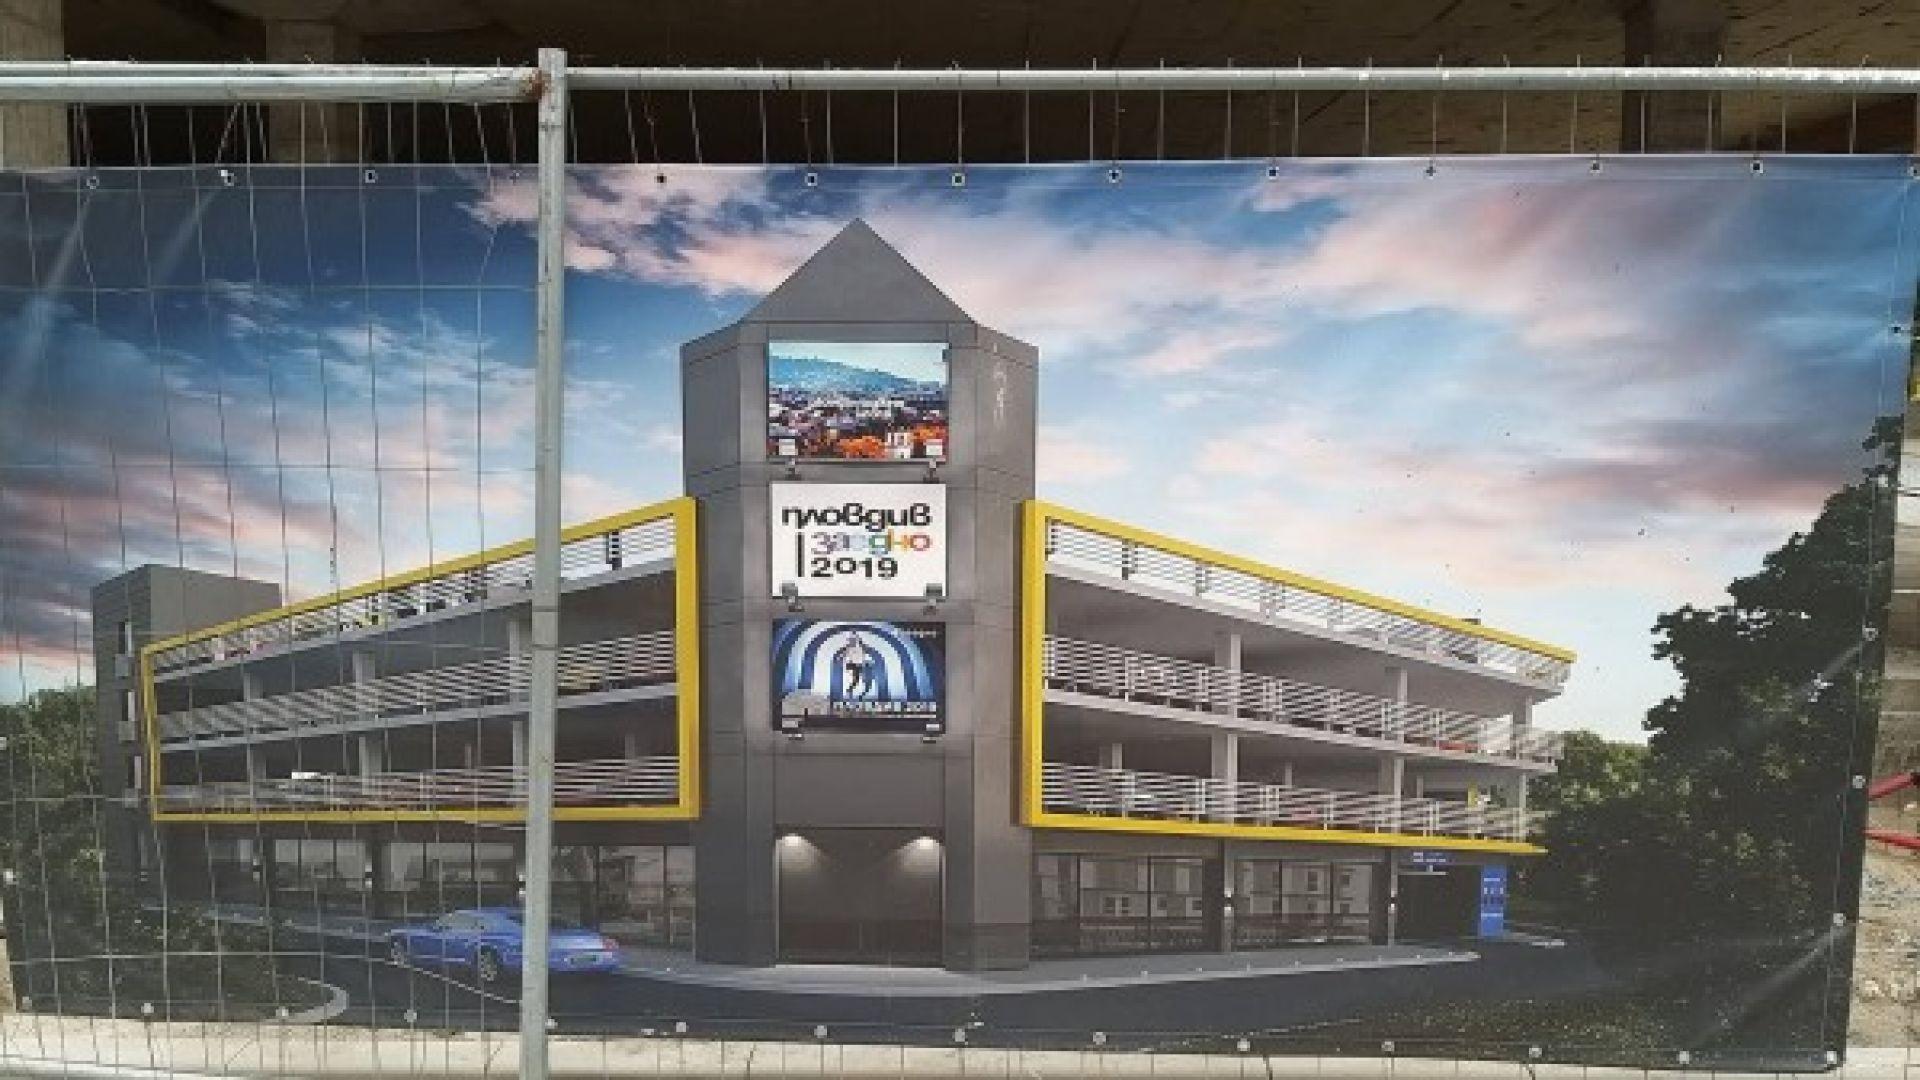 Първият общински многоетажен паркинг в Пловдив ще е изцяло автоматизиран